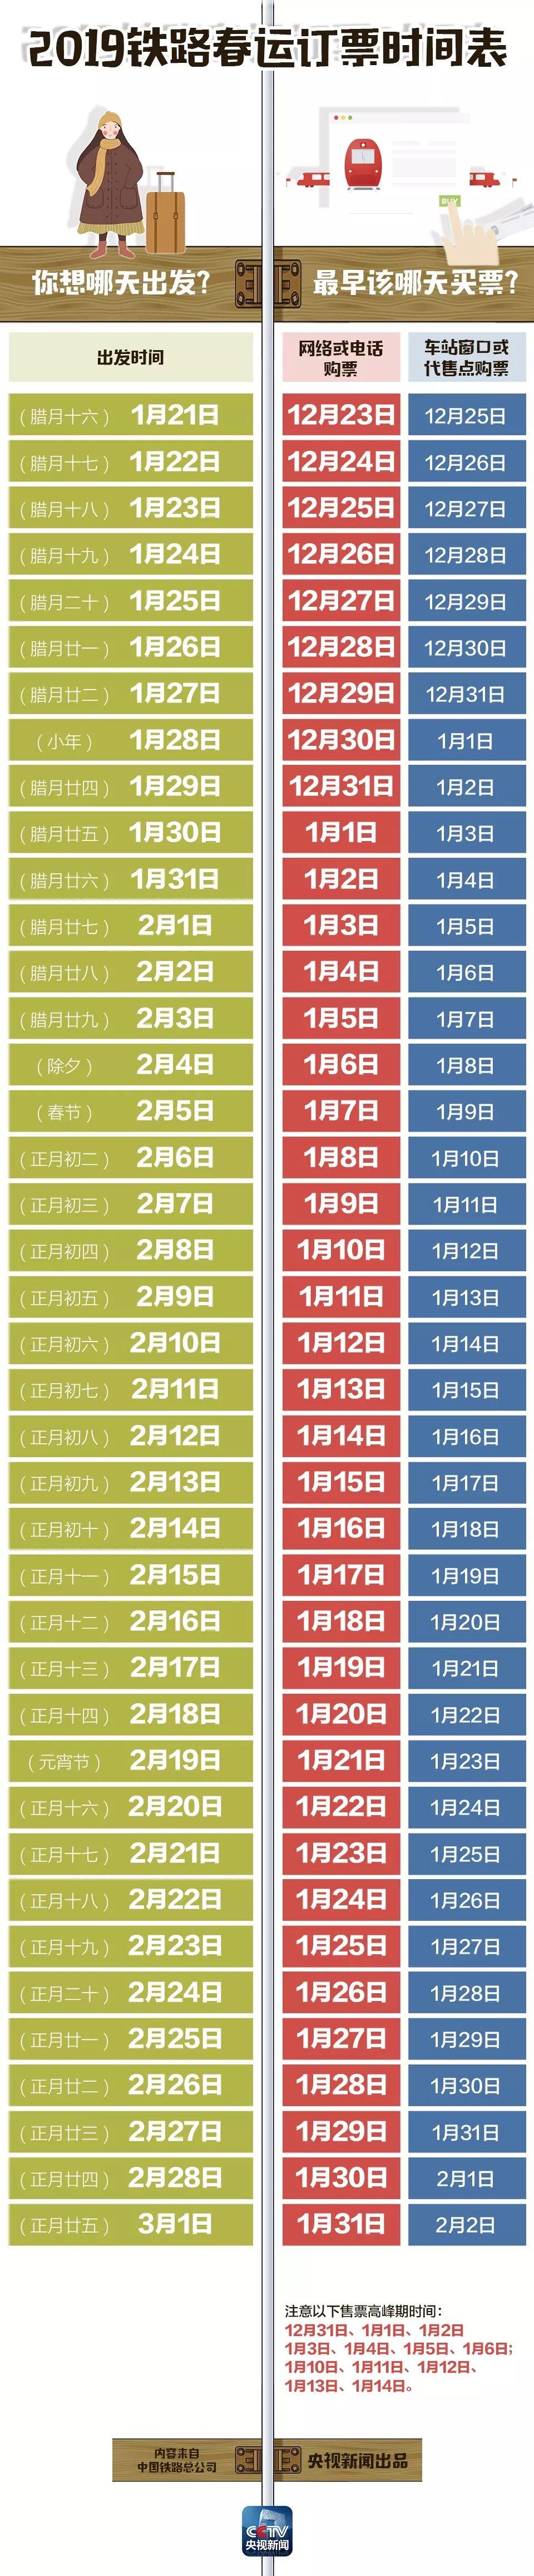 2019春运订票时间表官方版公布 哪天出发哪天买票一清二楚